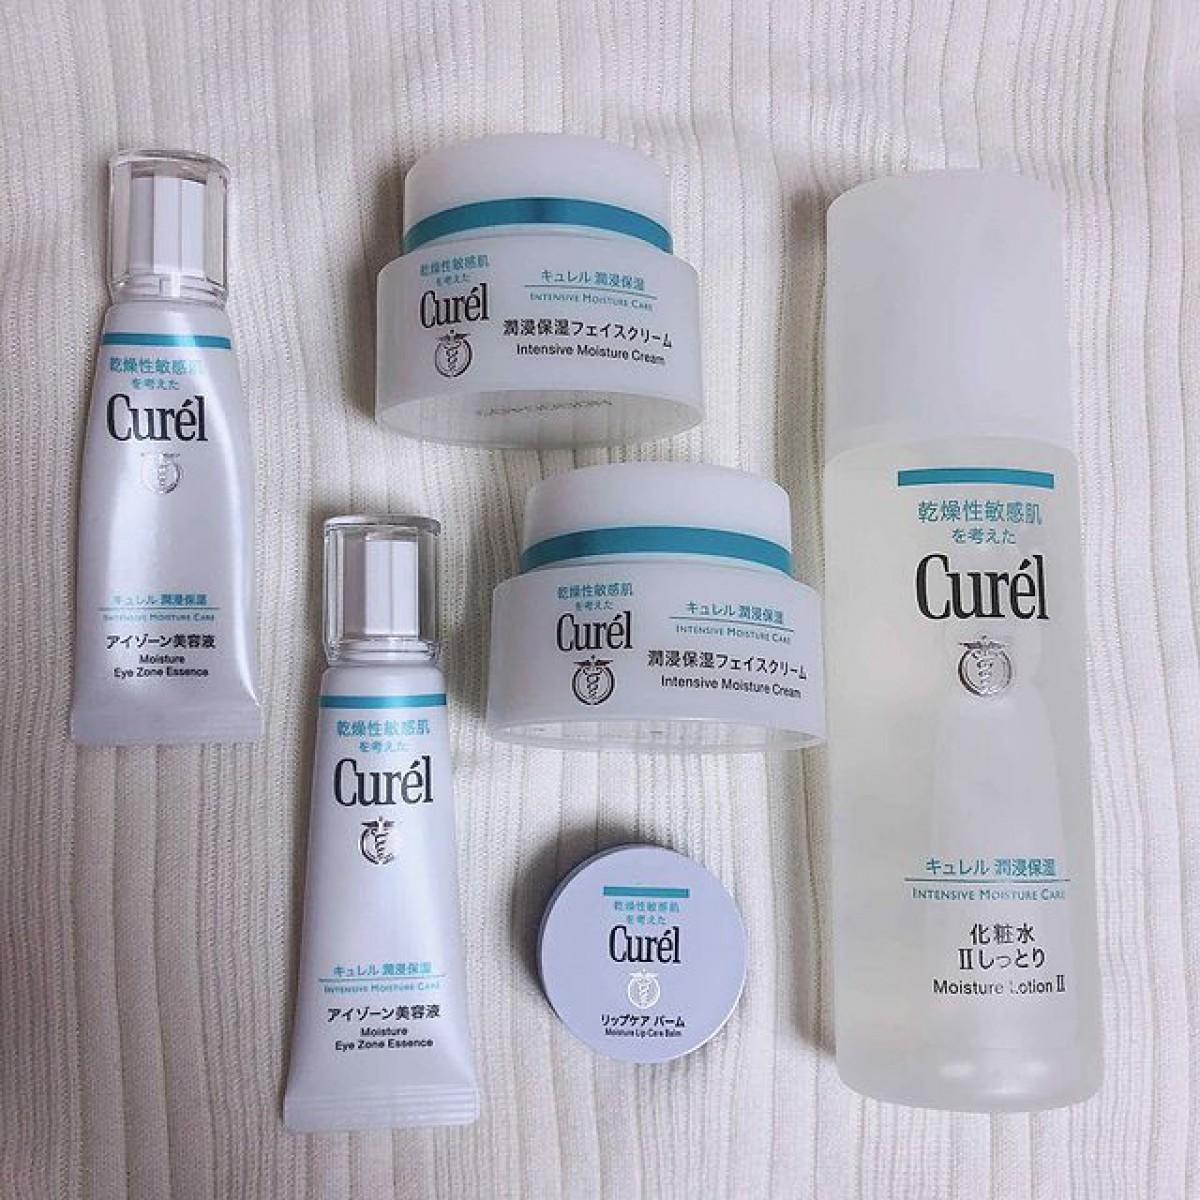 自分の肌質はどれ?様々な悩み別『Curel』のスキンケアシリーズを大調査